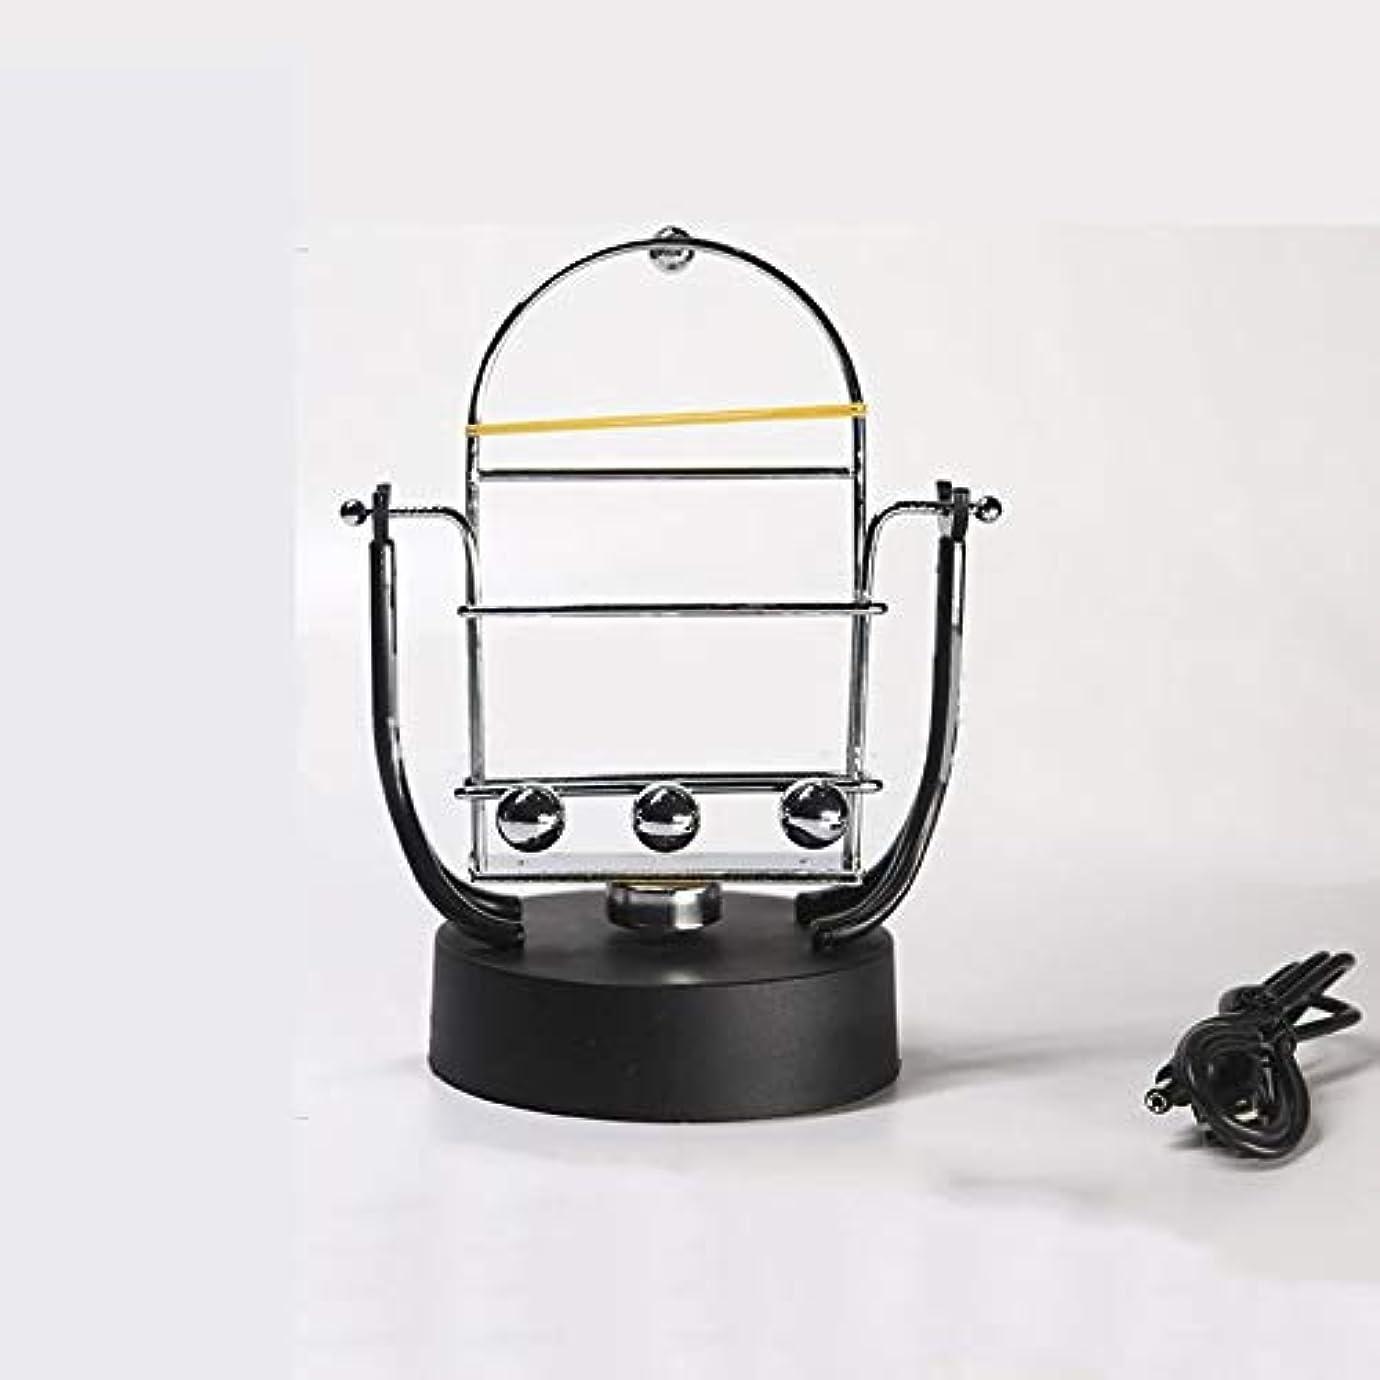 姿勢慢種をまく歩数計ウィンガーステッパーステップ測定コレクター安全なウォーキングナンバー歩数計デュアルUSBバッテリー充電